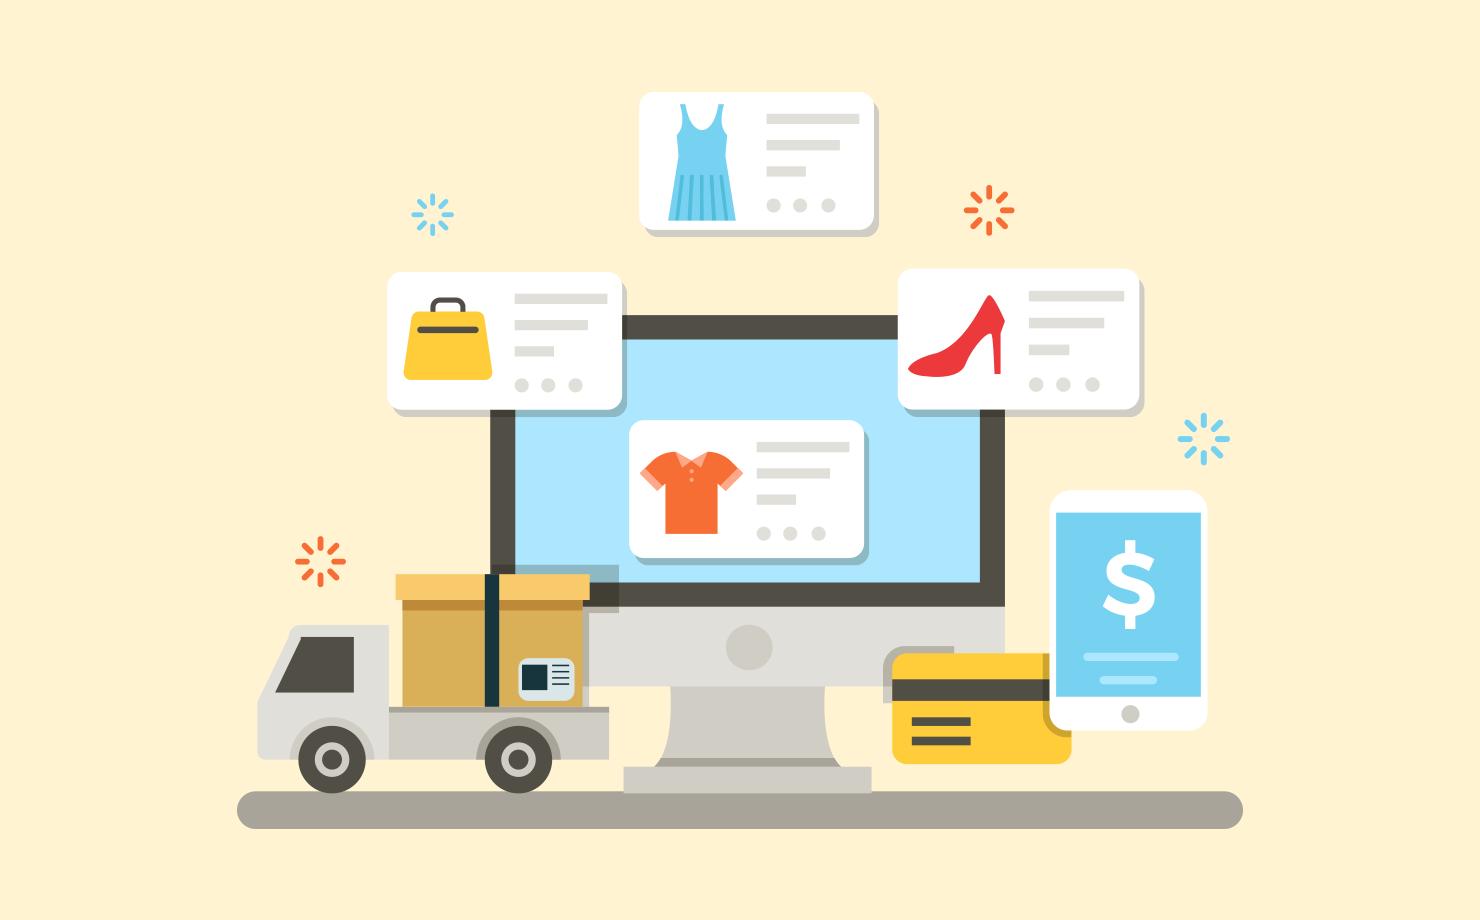 Kinh doanh online của bạn chưa thành công? Thử ngay 3 phương pháp này